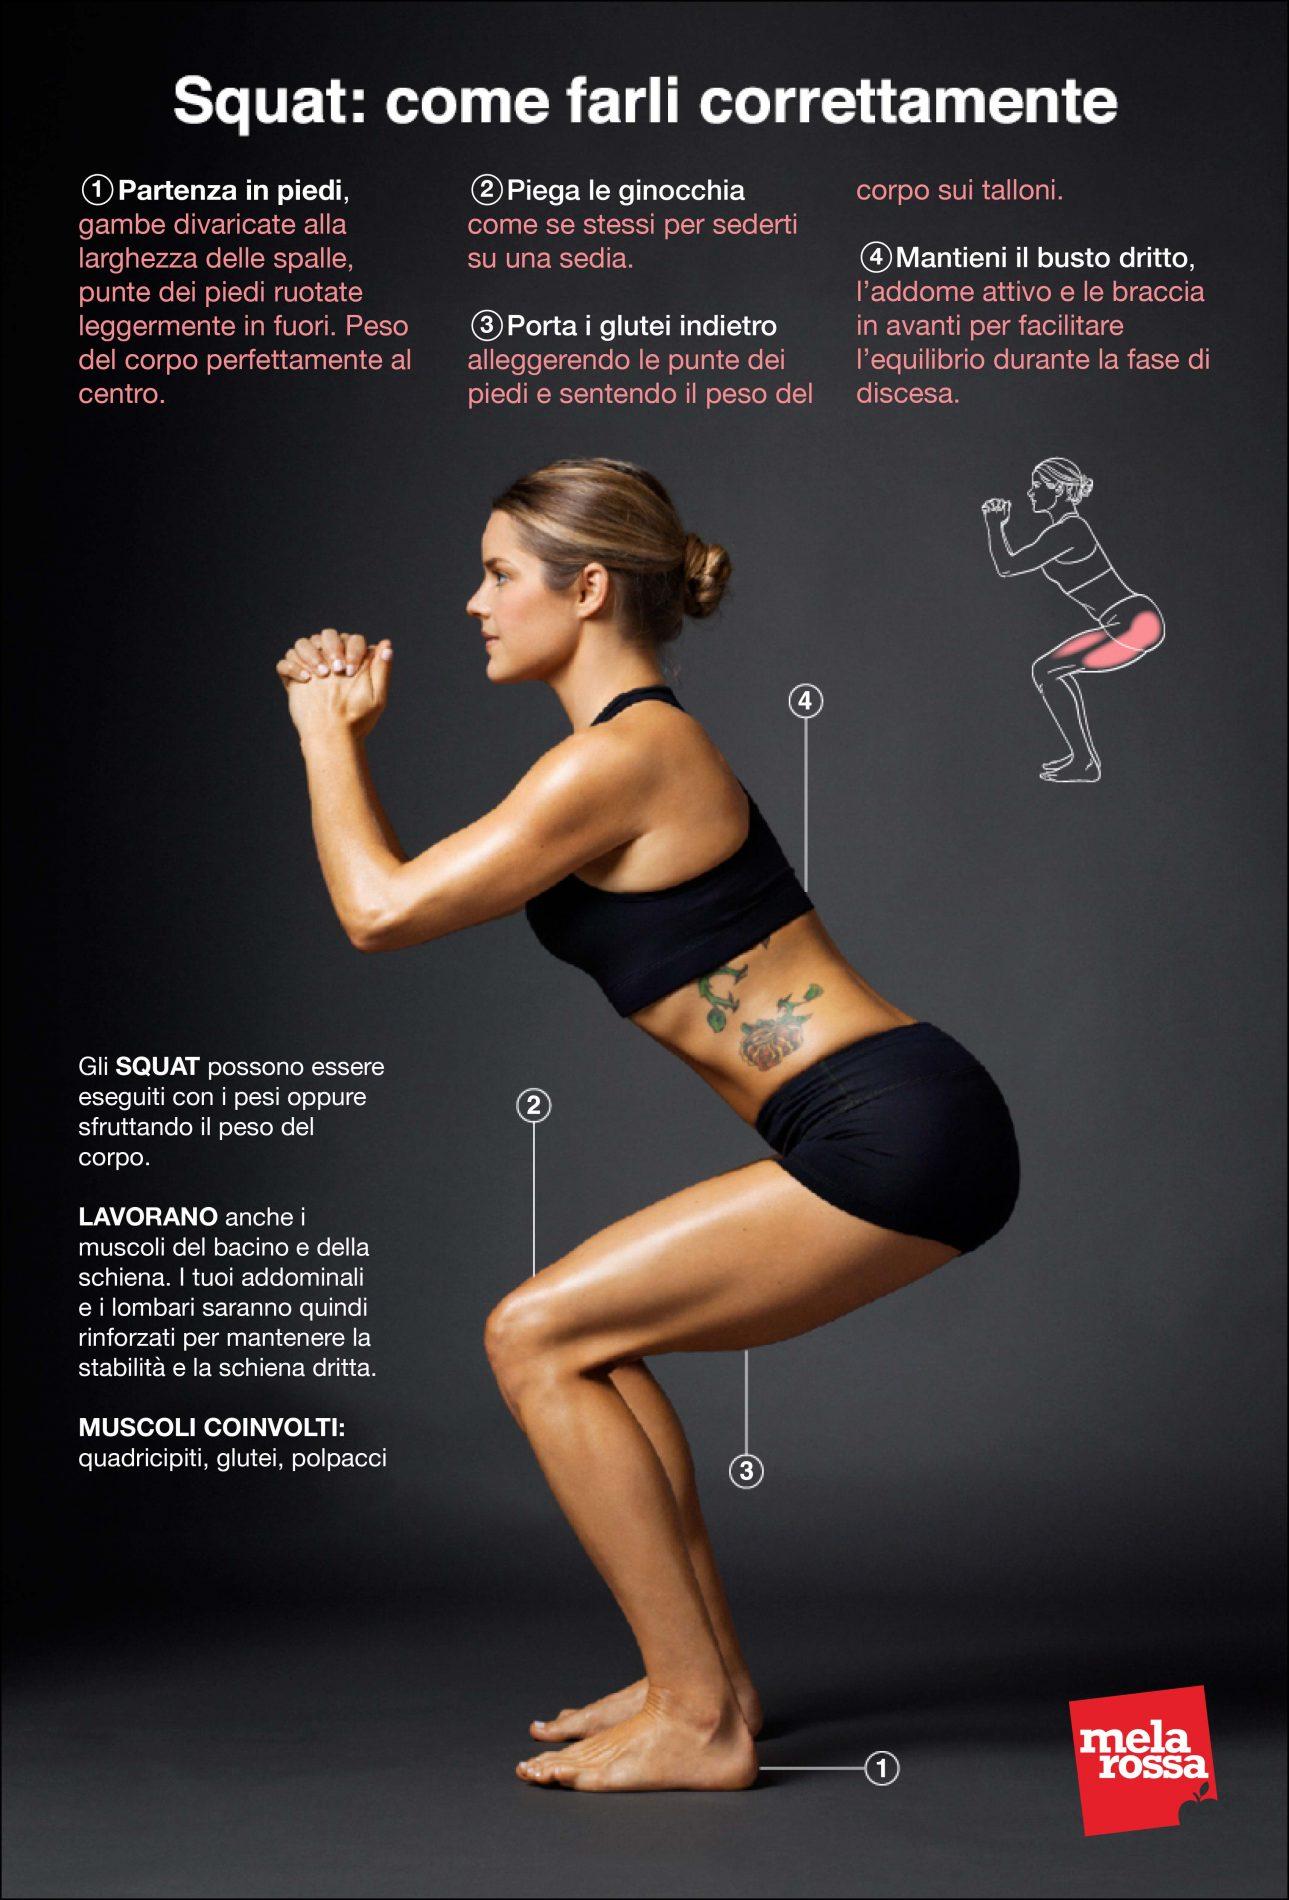 l'ultima tendenza fitness per tonificare glutei e gambe che sta spopolando sui social è il 30 days challenge squat! - Melarossa #dietamelarossa